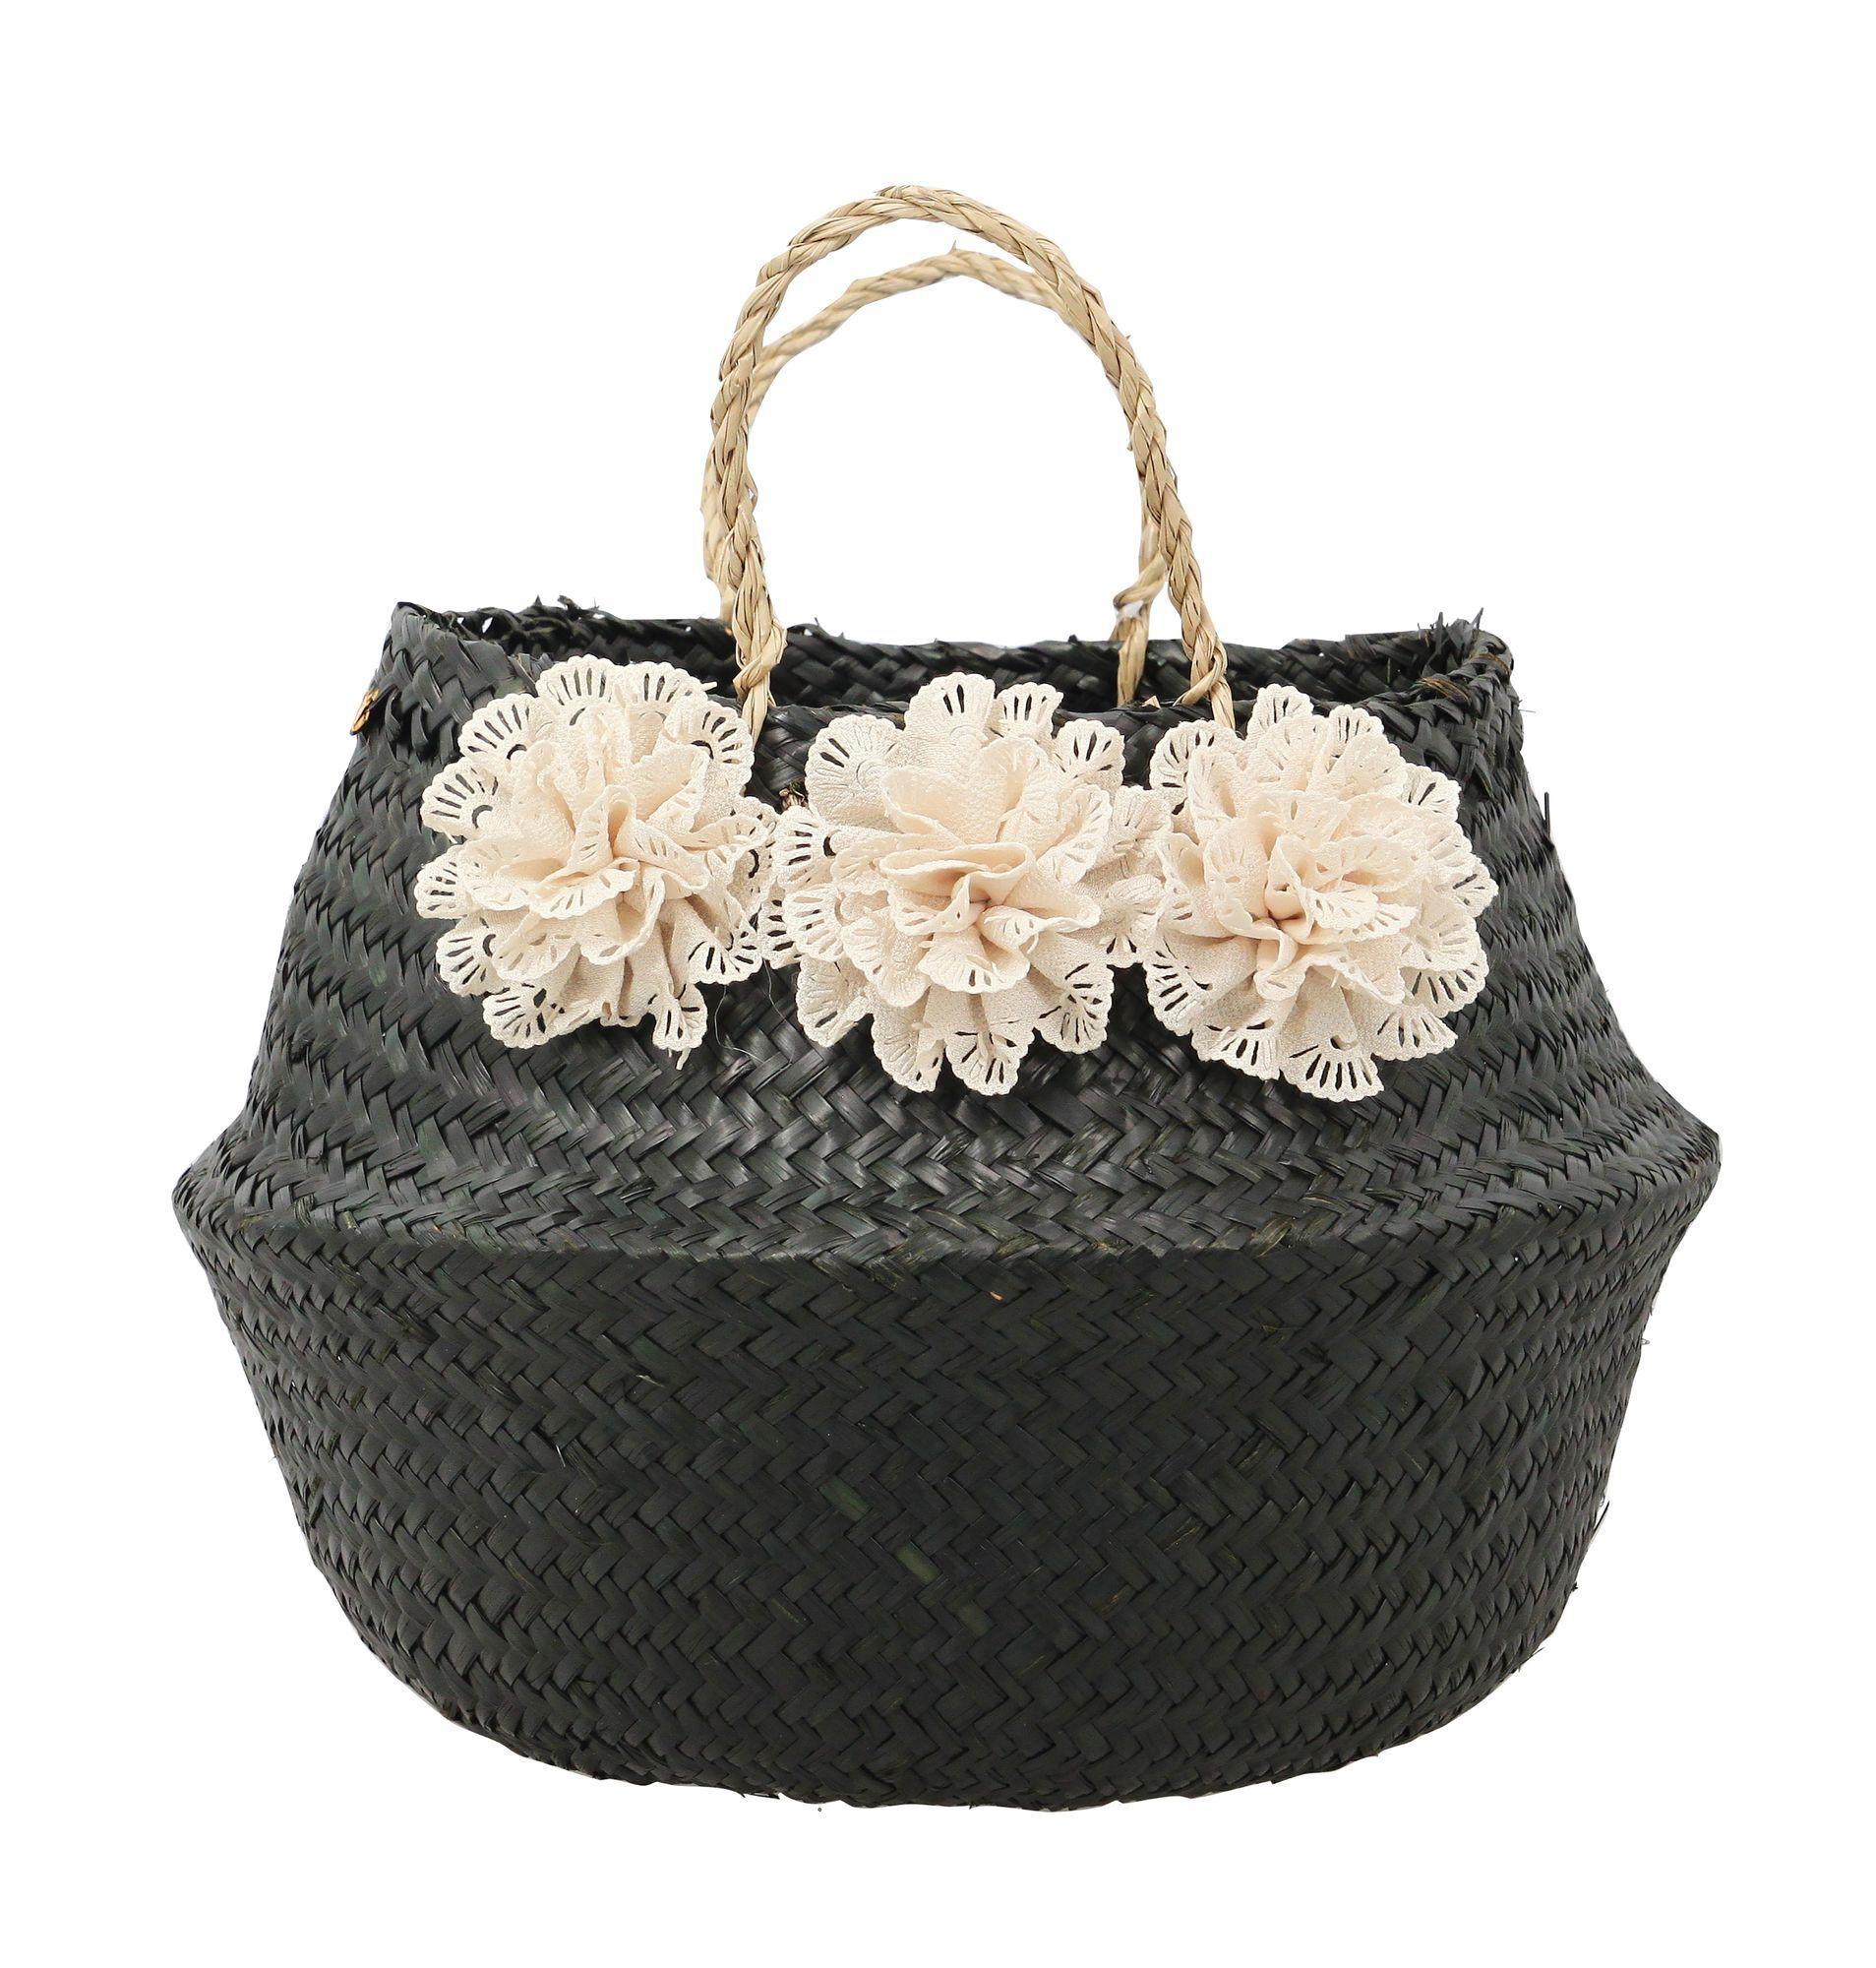 Now's Home Panier cache-pot en jonc noir avec fleurs blanches